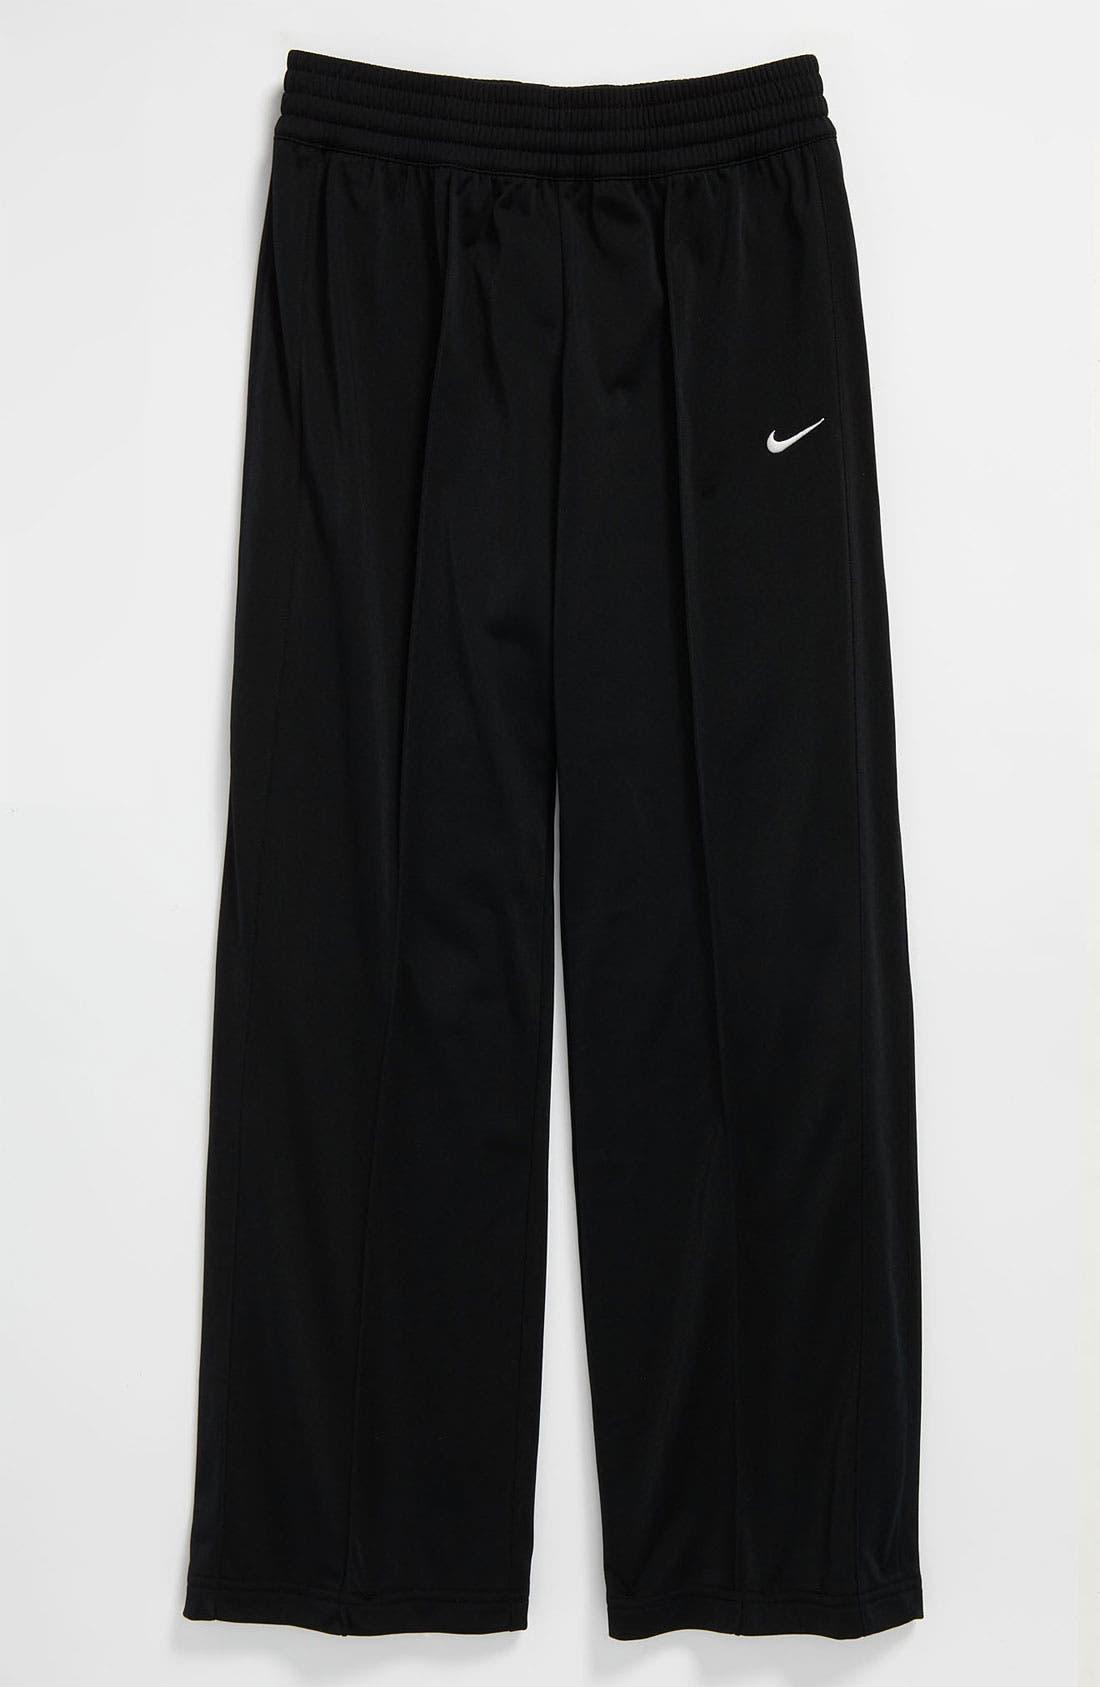 Main Image - Nike 'KO' Pants (Big Girls)